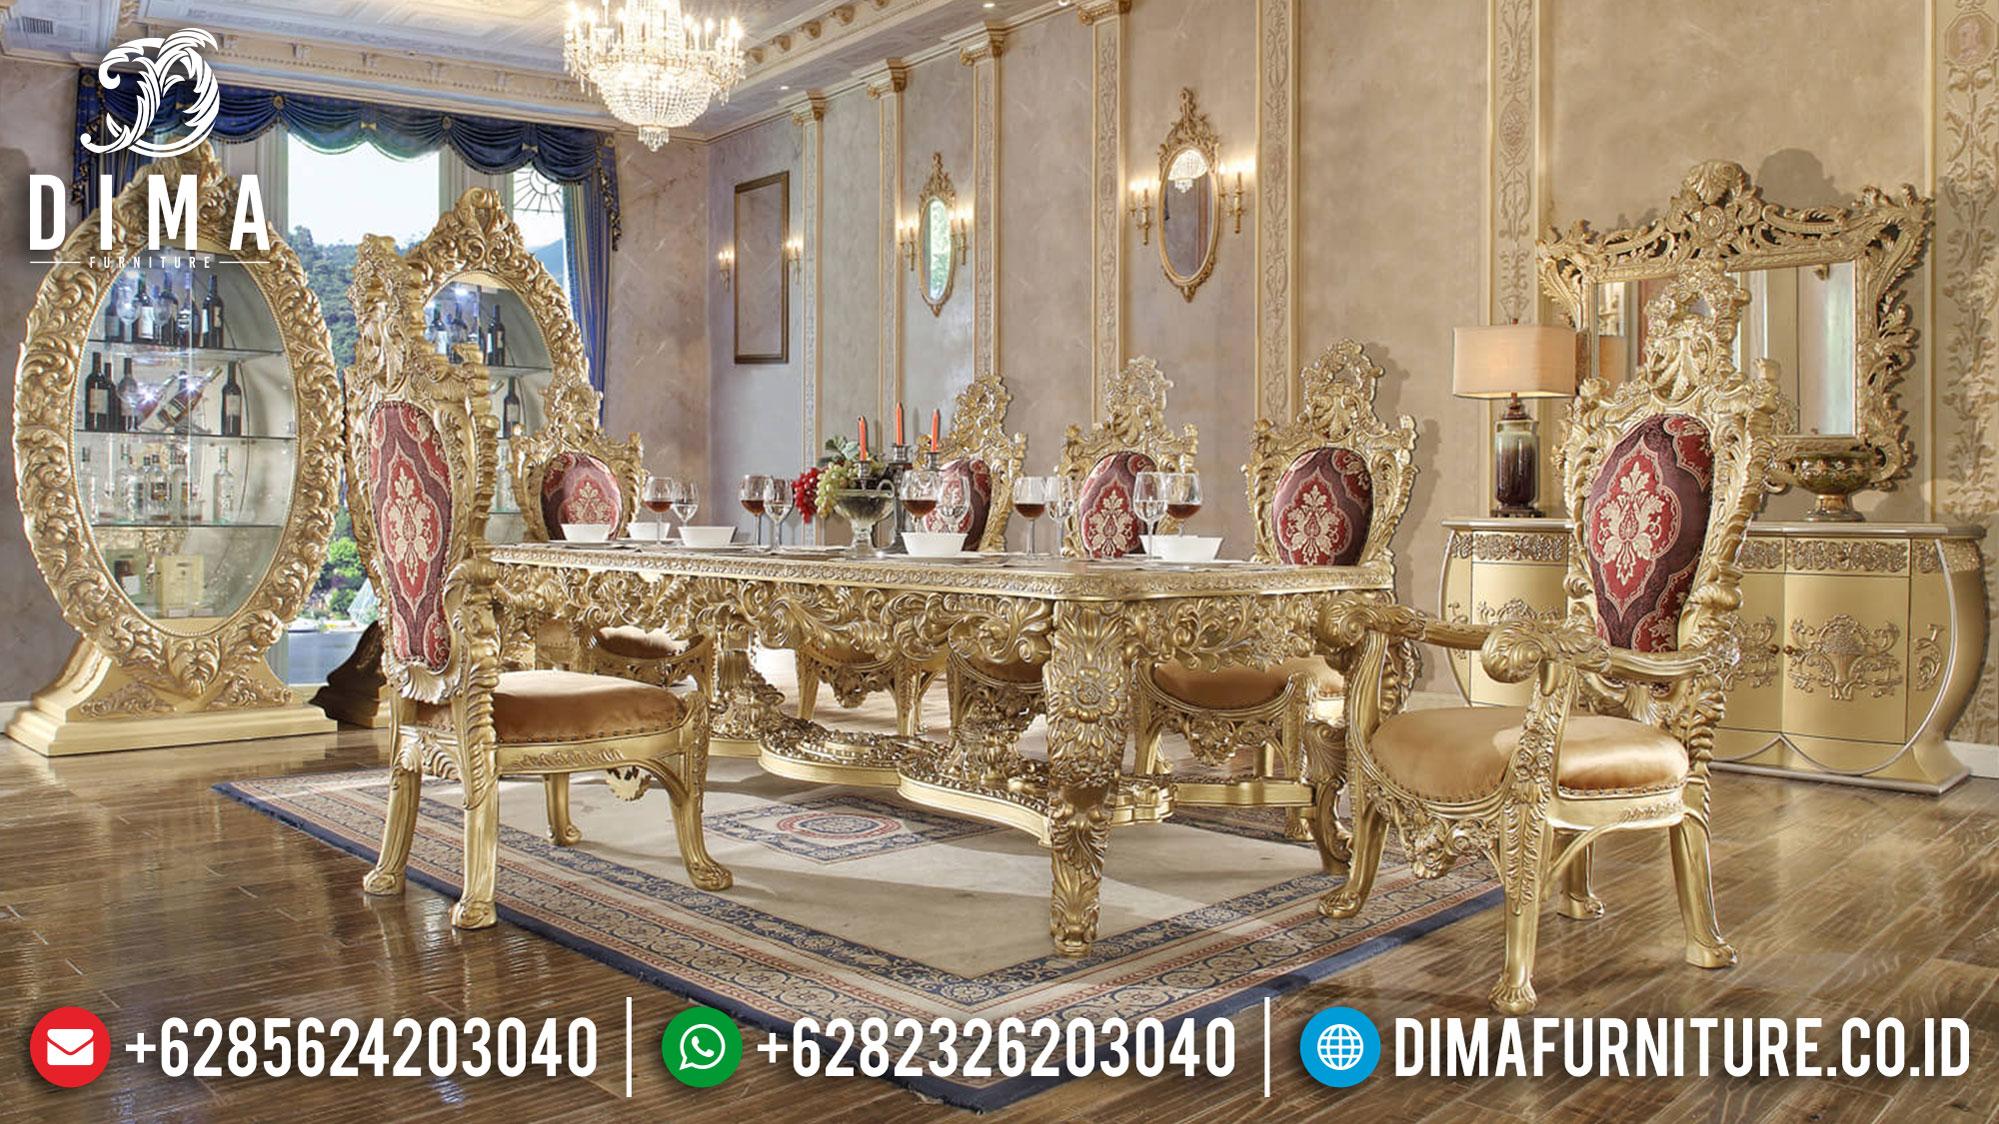 New Meja Makan Mewah Jepara Luxury Classic Golden Gloss Furniture Royal Mm-0759